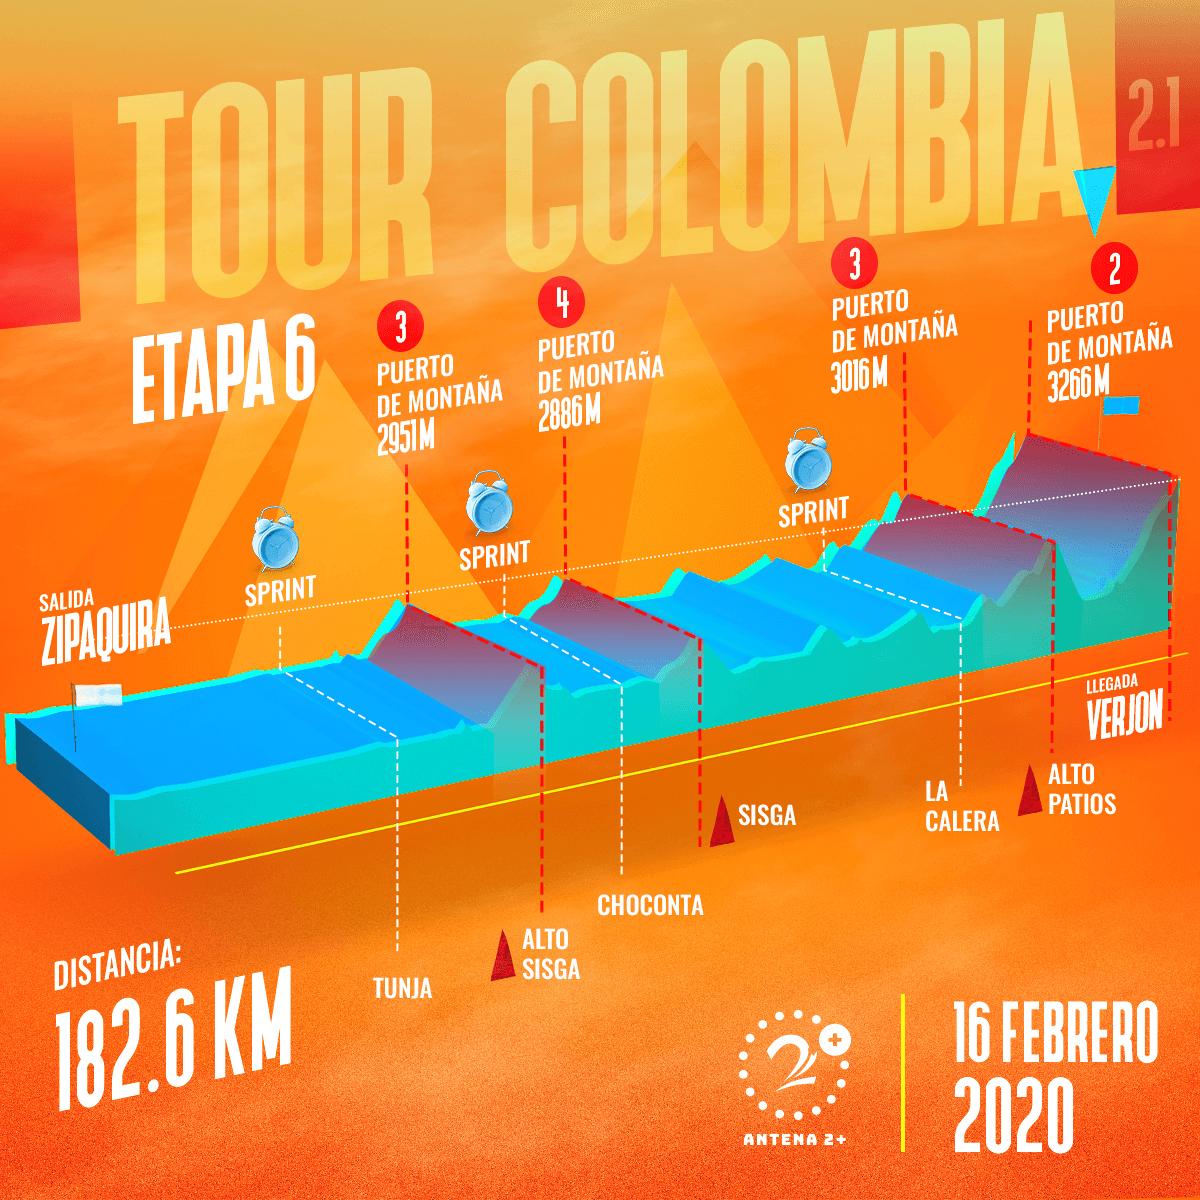 Tour Colombia 2020, etapa 6